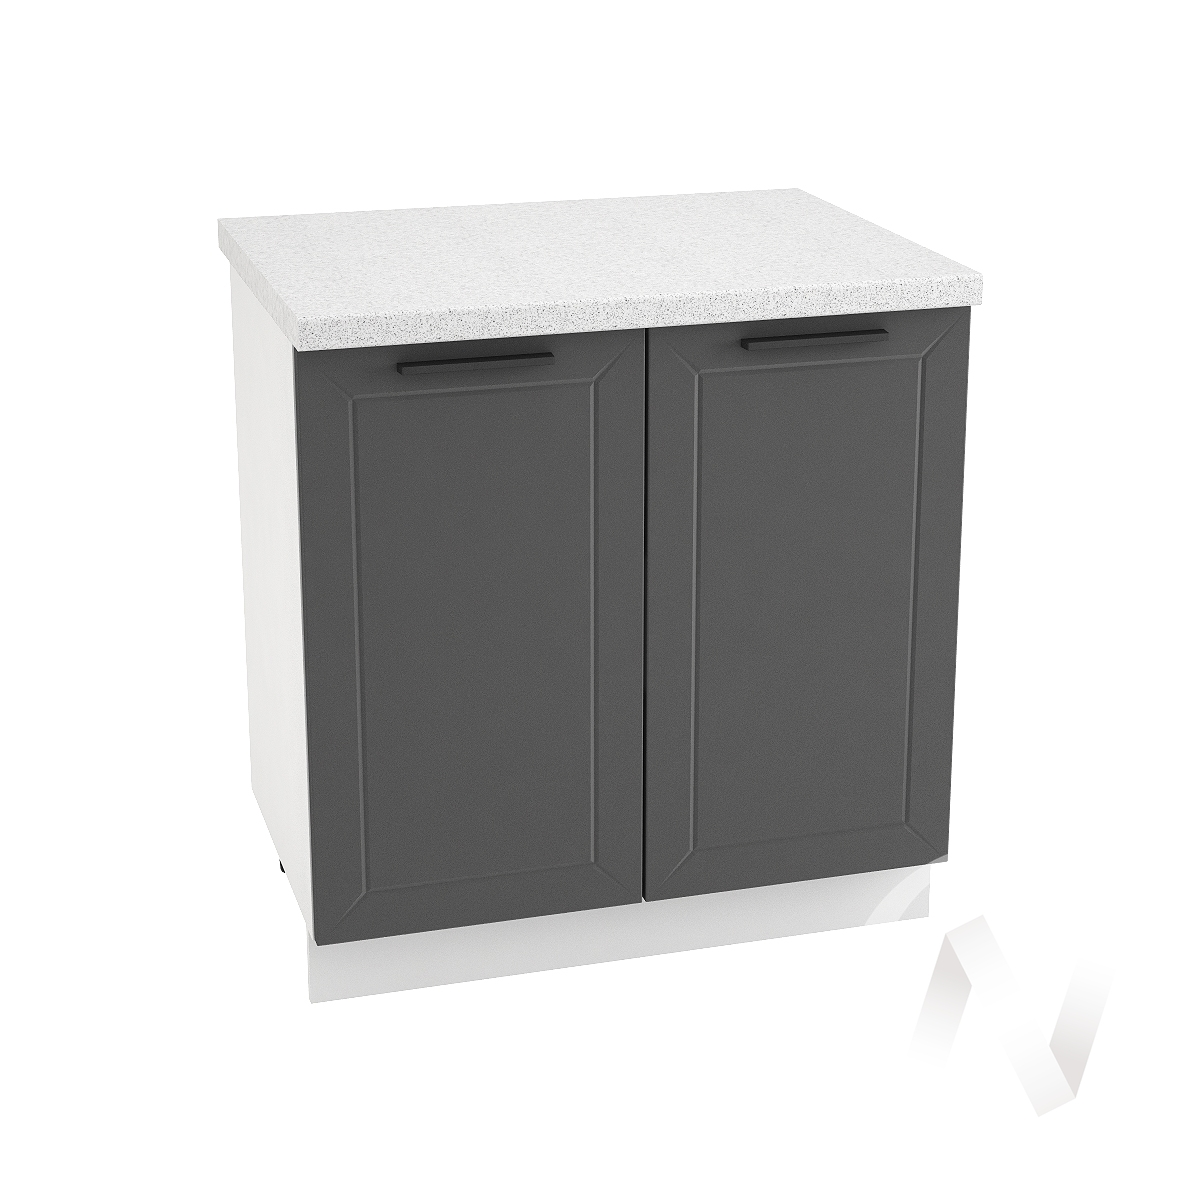 """Кухня """"Глетчер"""": Шкаф нижний 800, ШН 800 (Маренго силк/корпус белый)"""